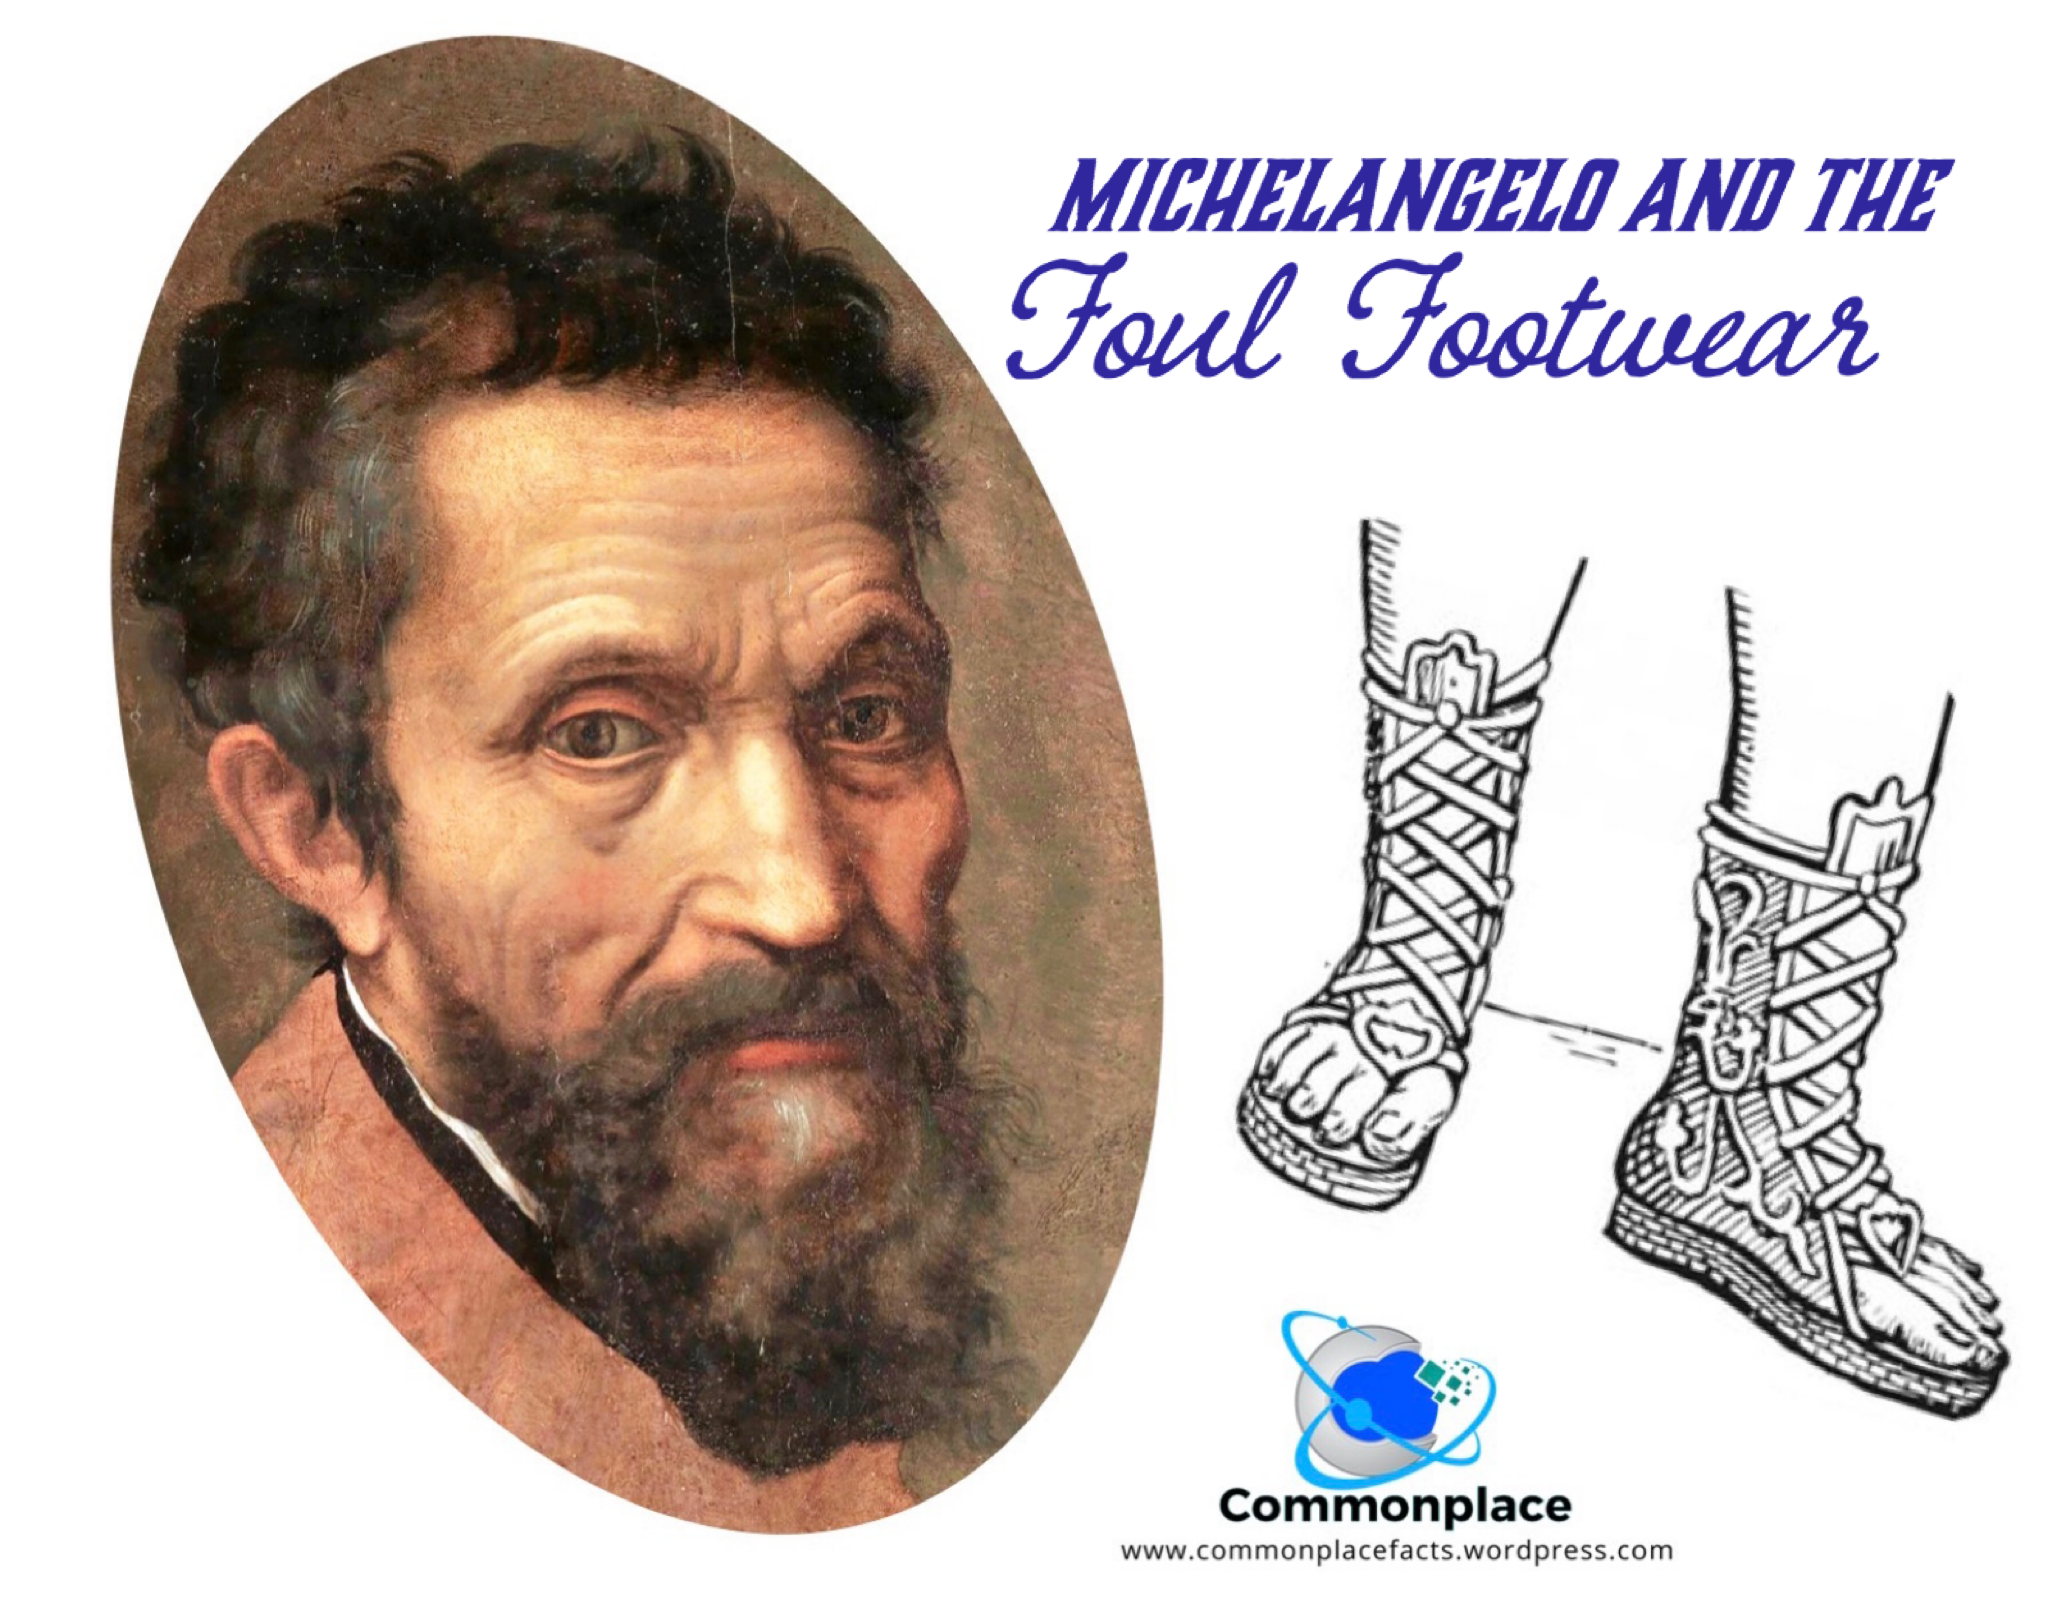 #Michelangelo #footwear #hygiene #artists #art